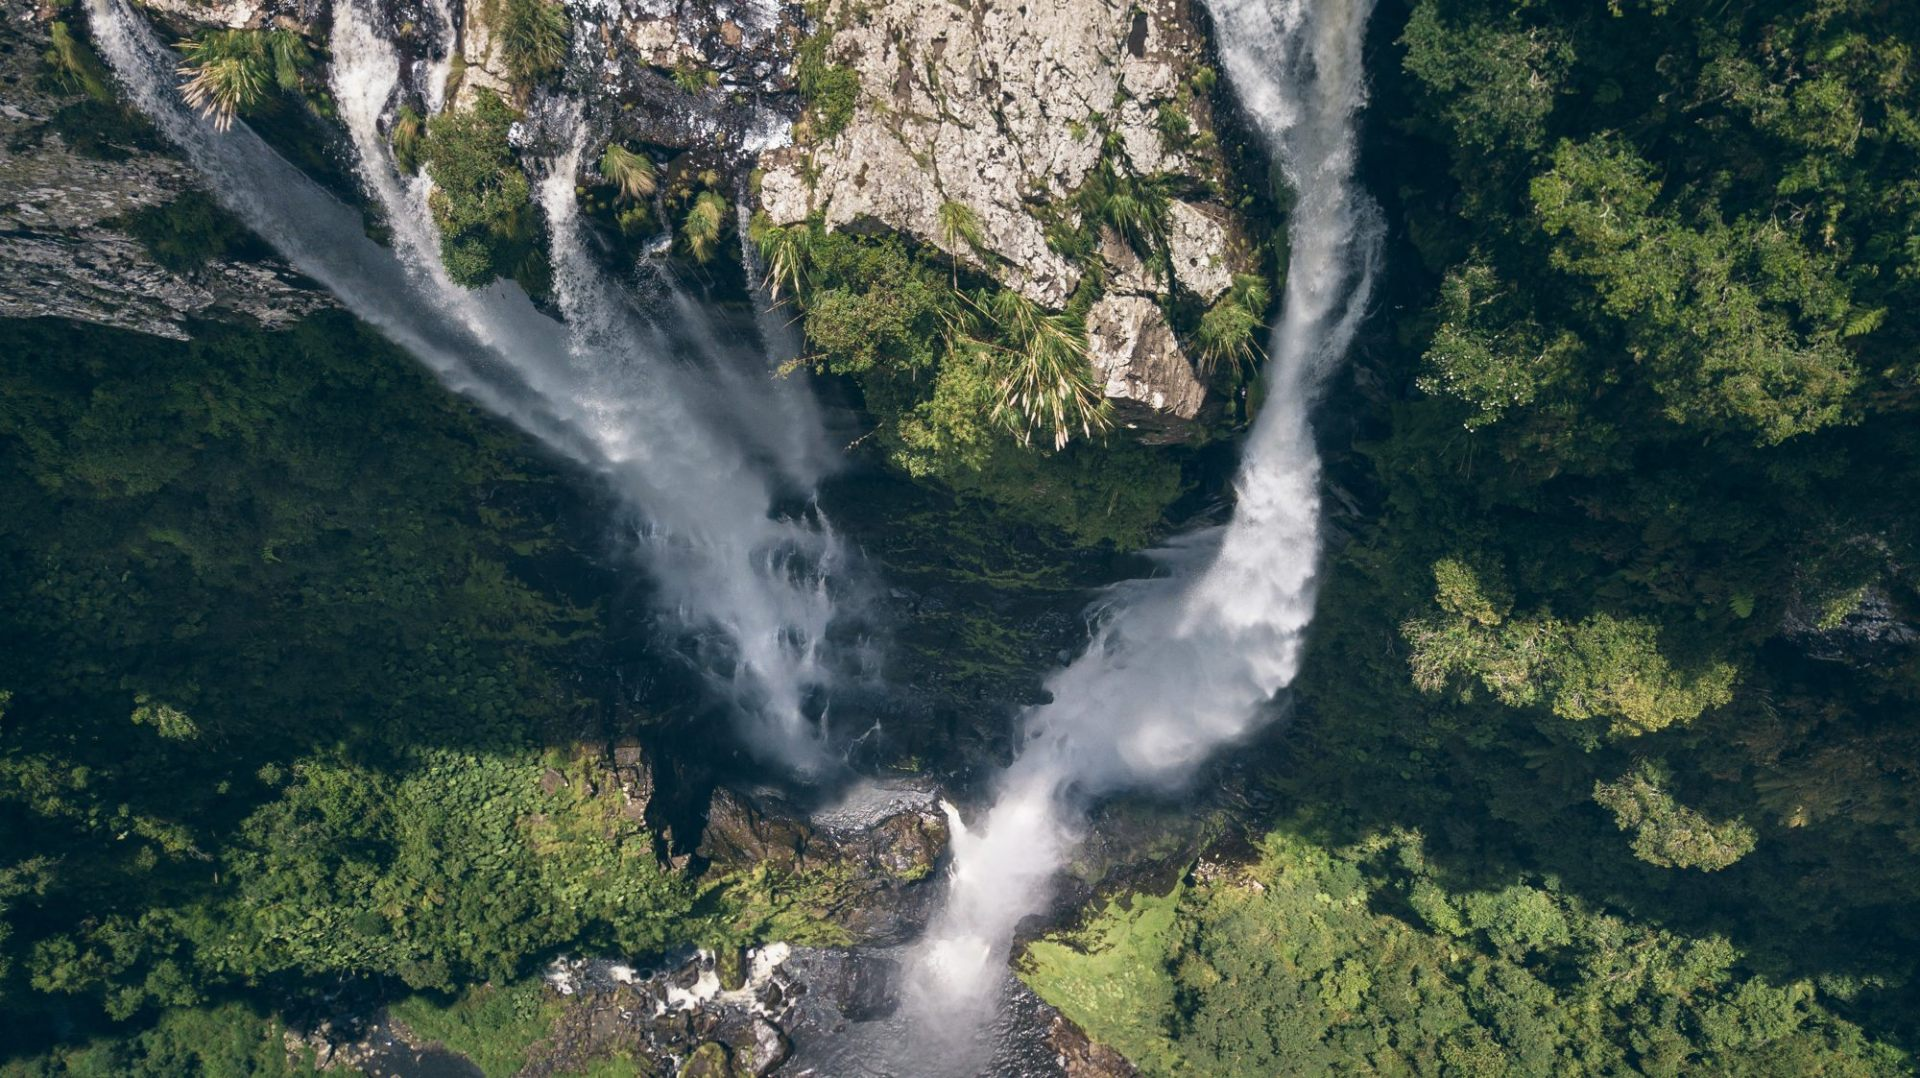 Canyon d'Itaimbezinho 1